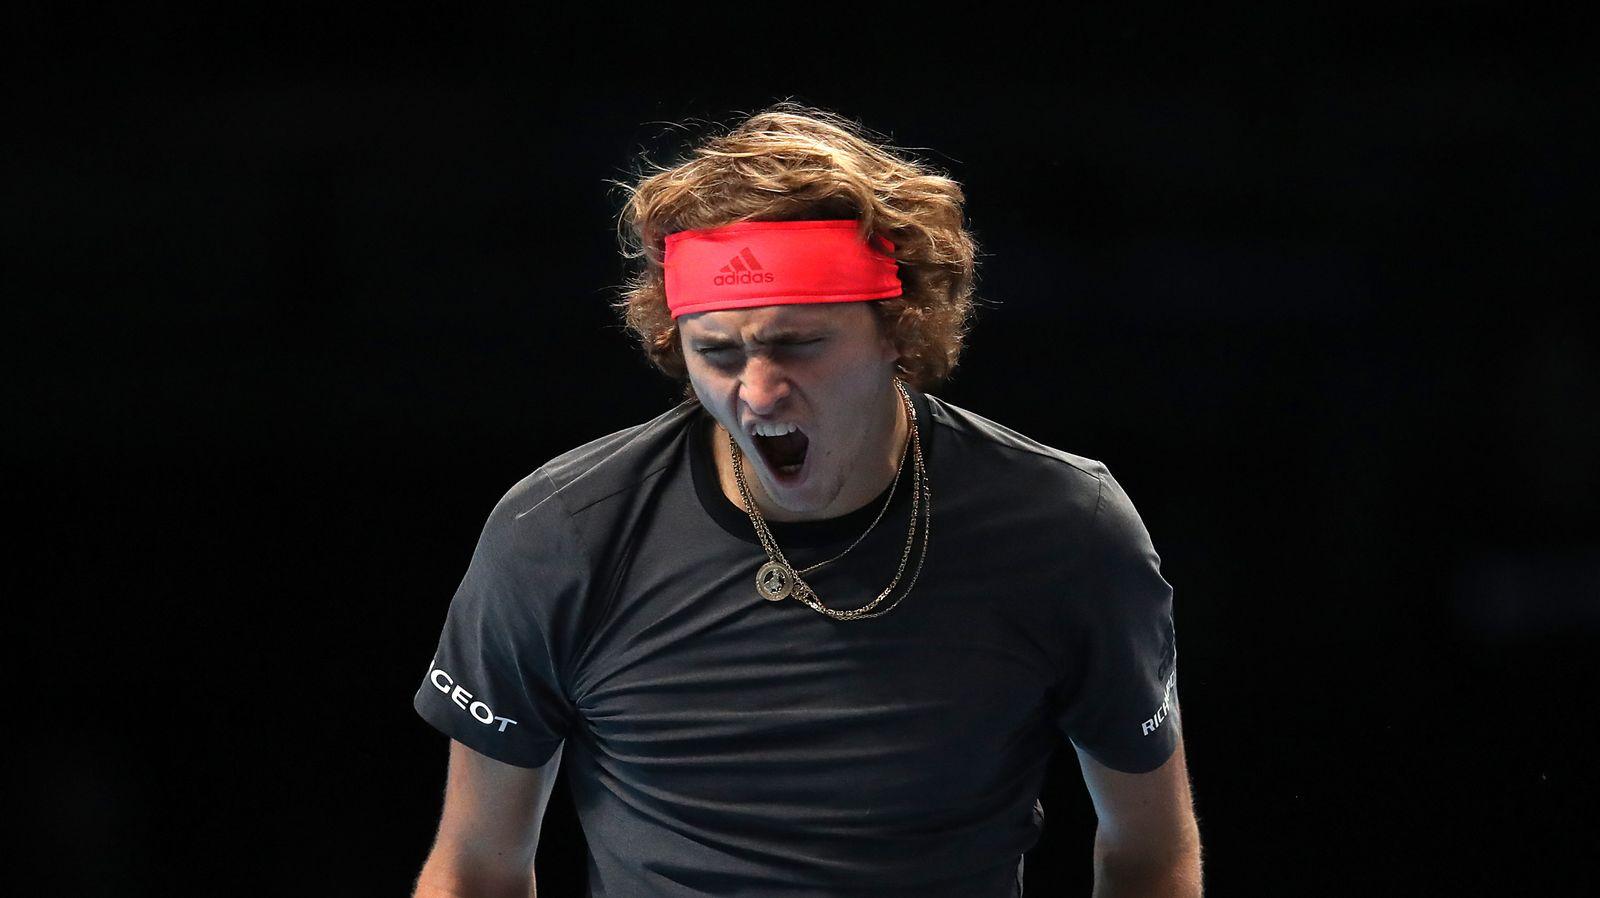 ATP-World Tour Finals Zverev